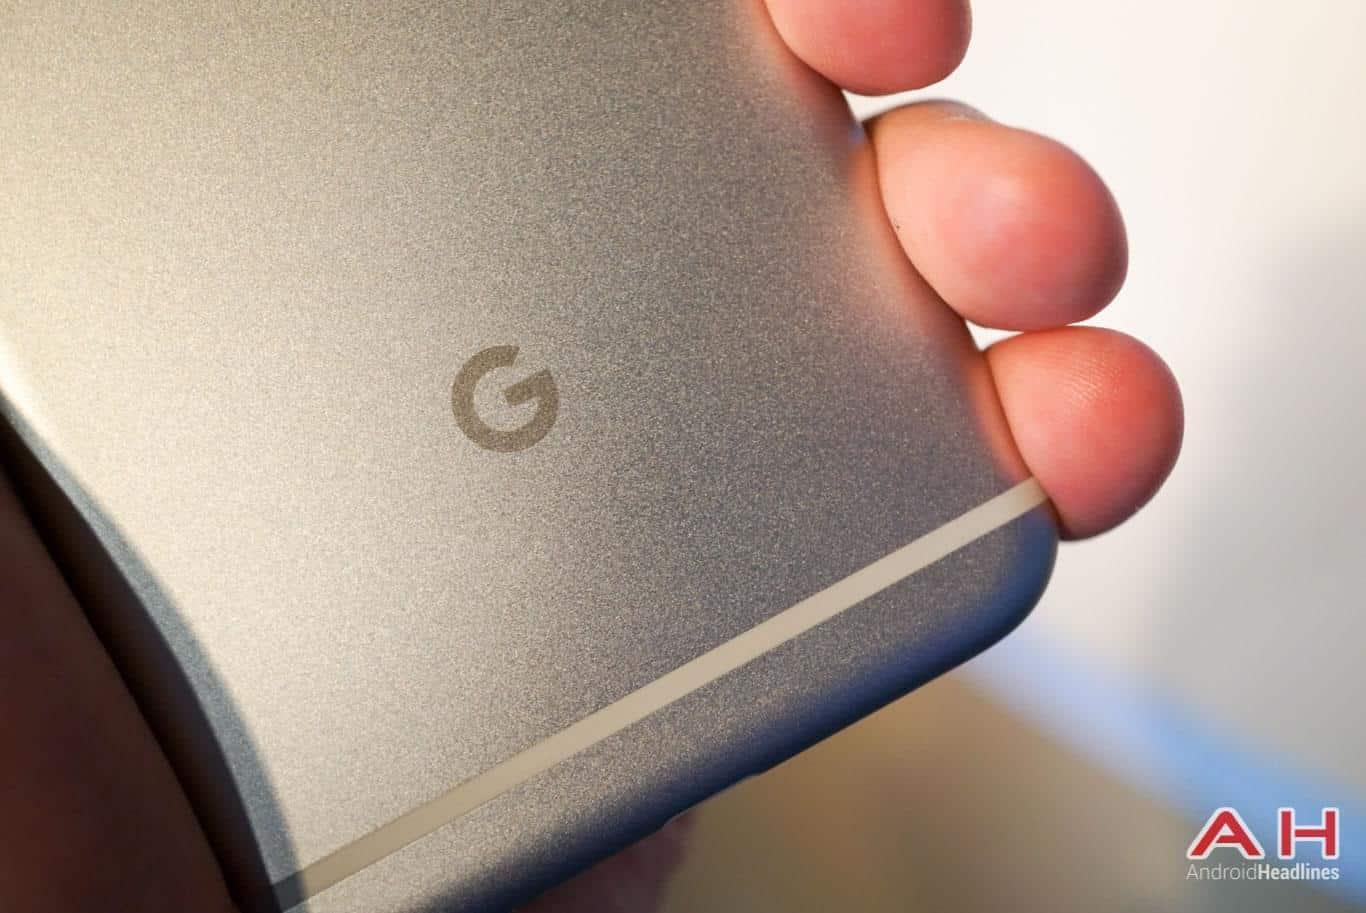 google-pixel-hands-on-ah-20